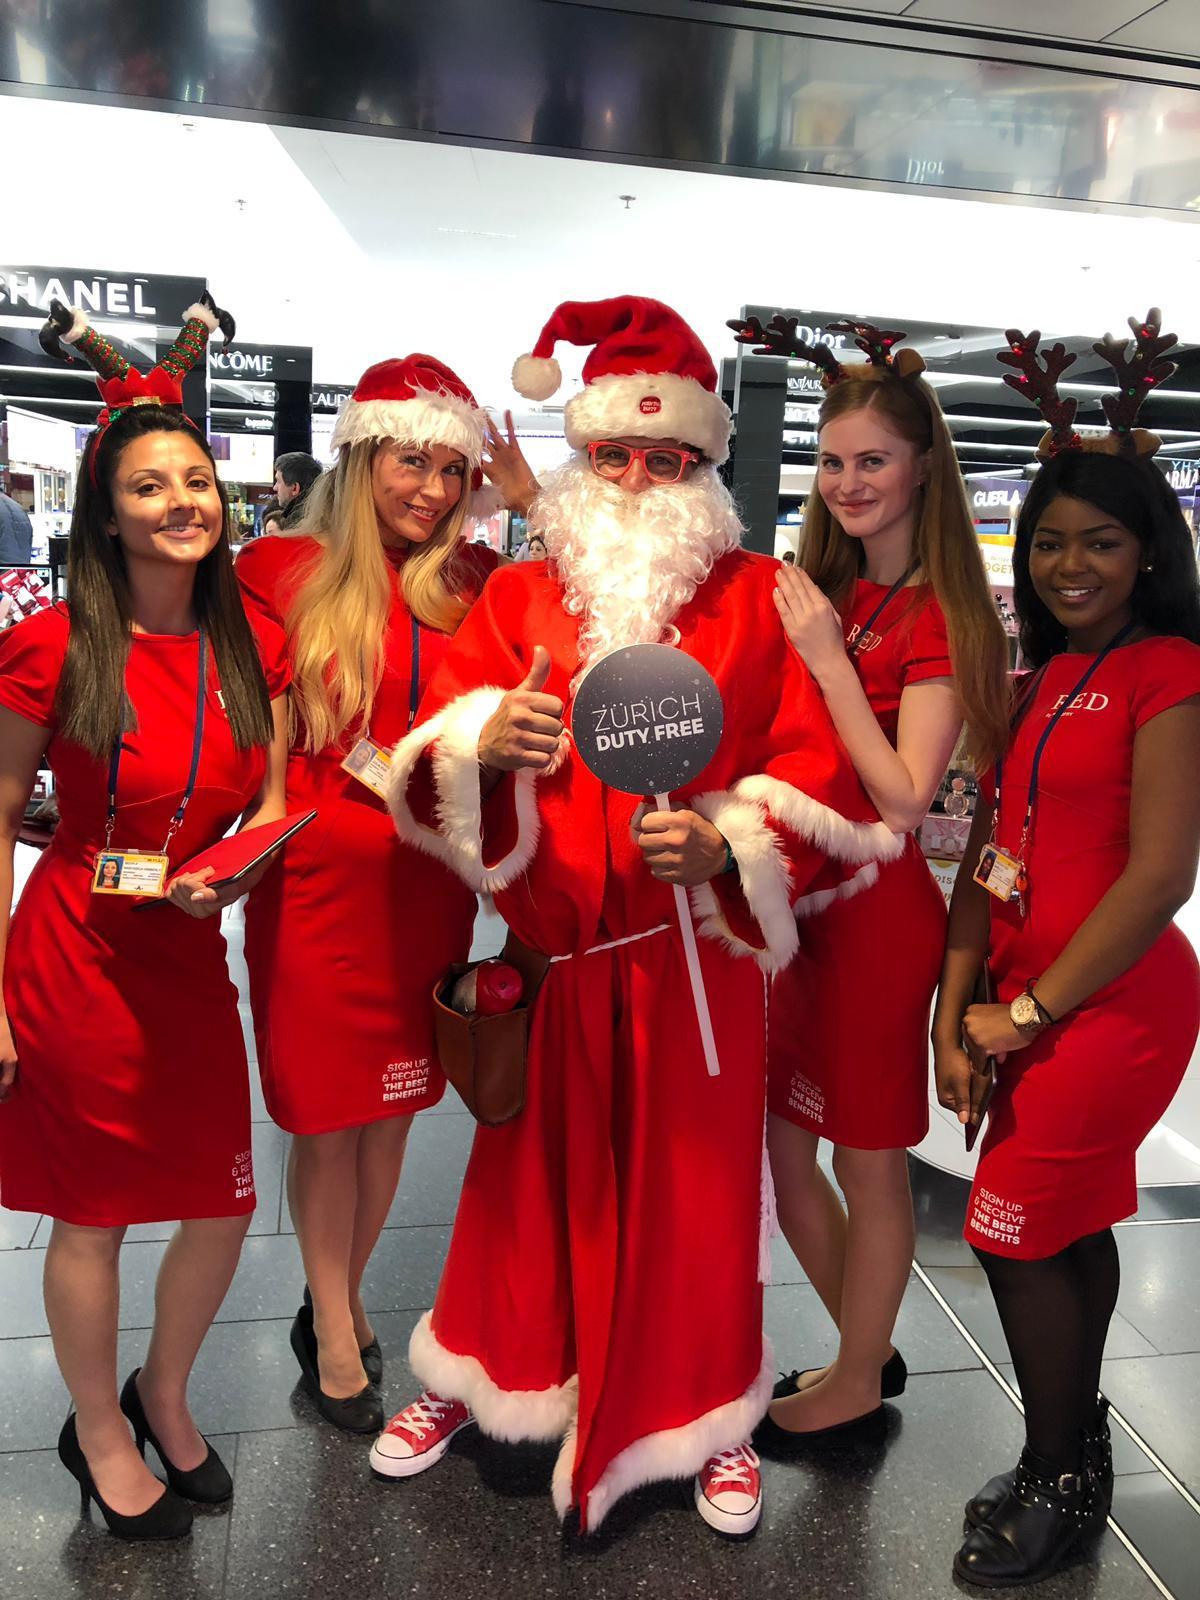 Rey Reloba - Weihnachtsmann am Flughafen